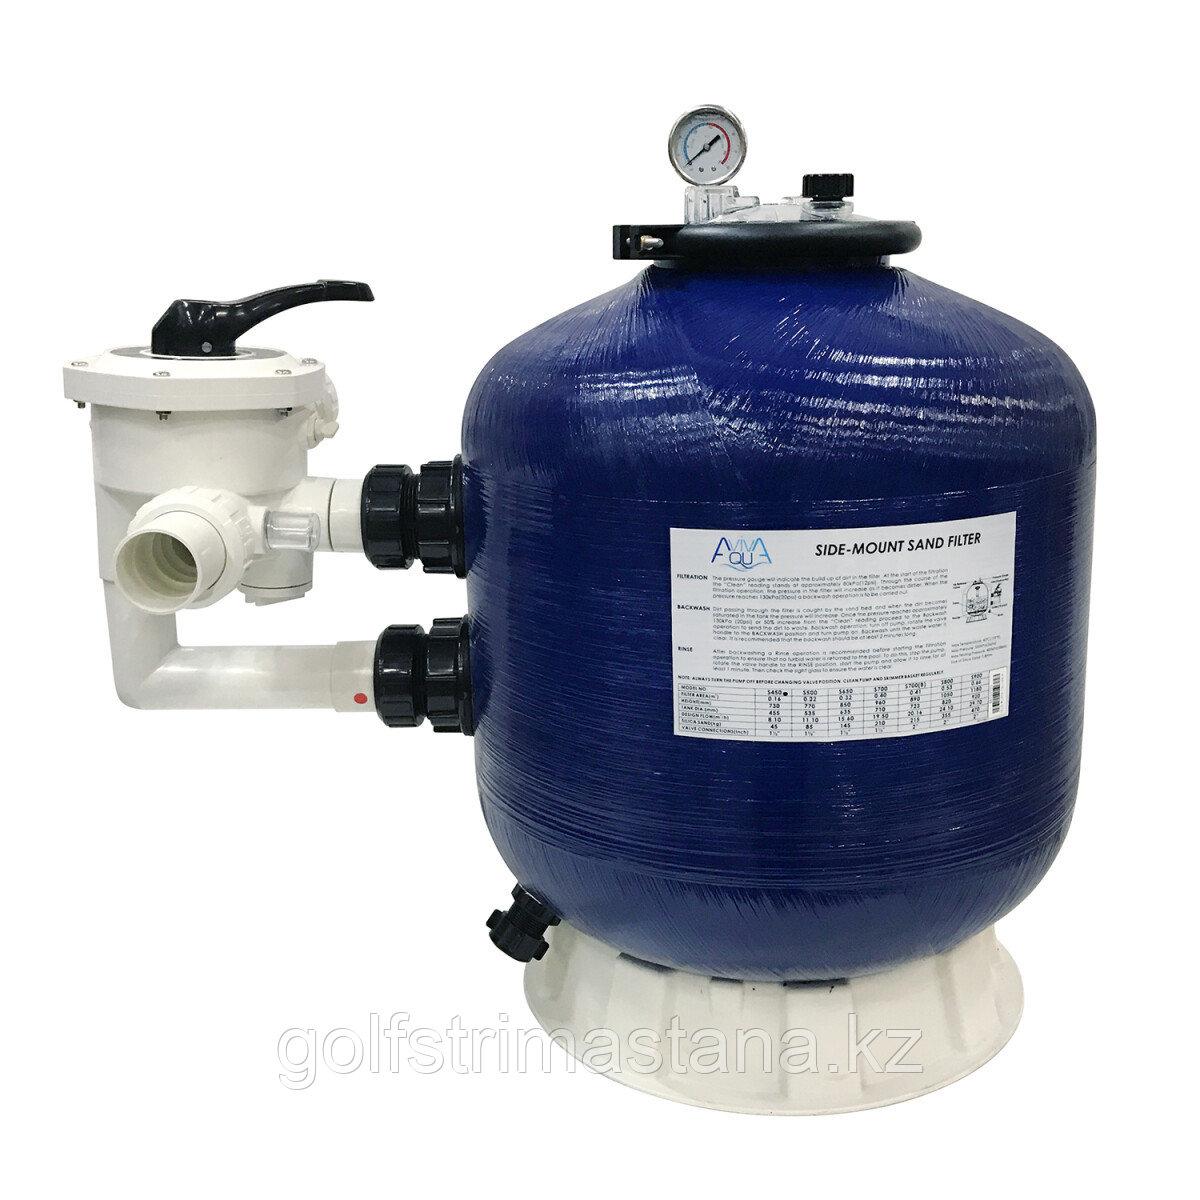 Фильтр Aquaviva S450 / D450 / песочный